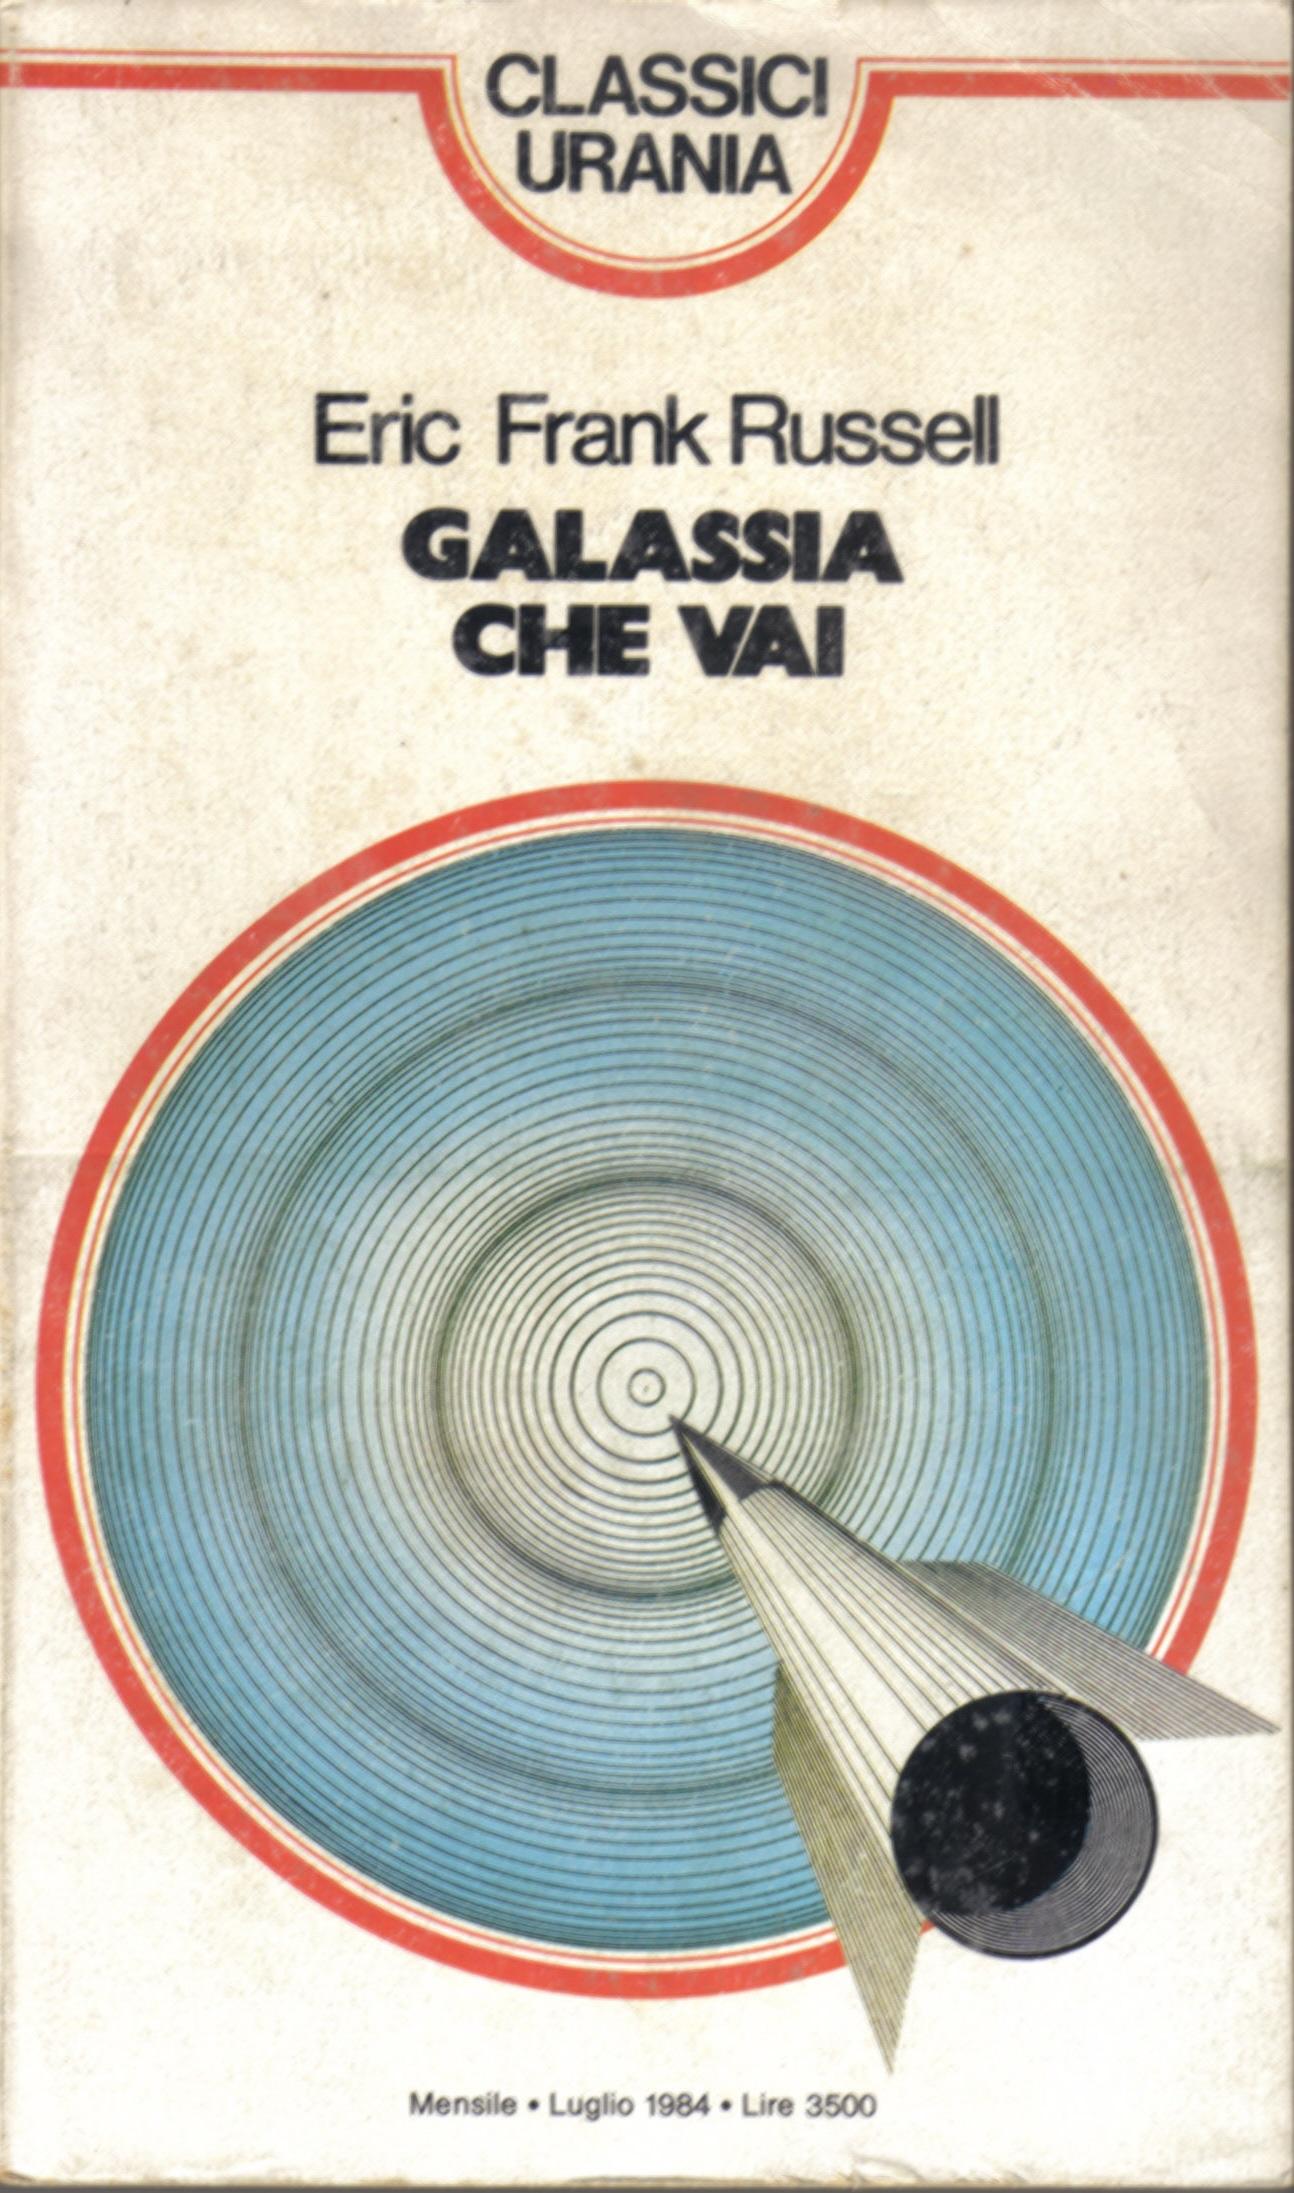 Galassia che vai